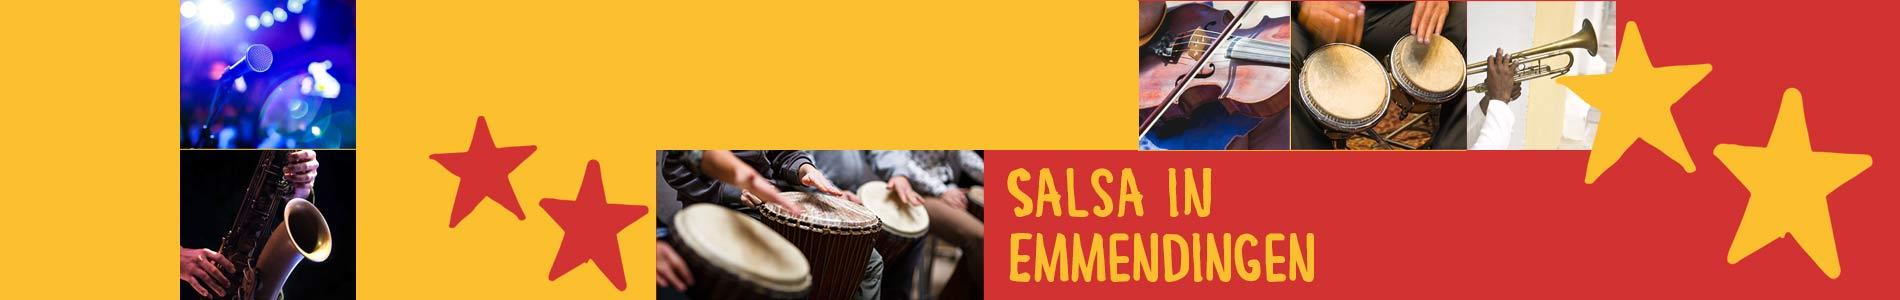 Salsa in Emmendingen – Salsa lernen und tanzen, Tanzkurse, Partys, Veranstaltungen